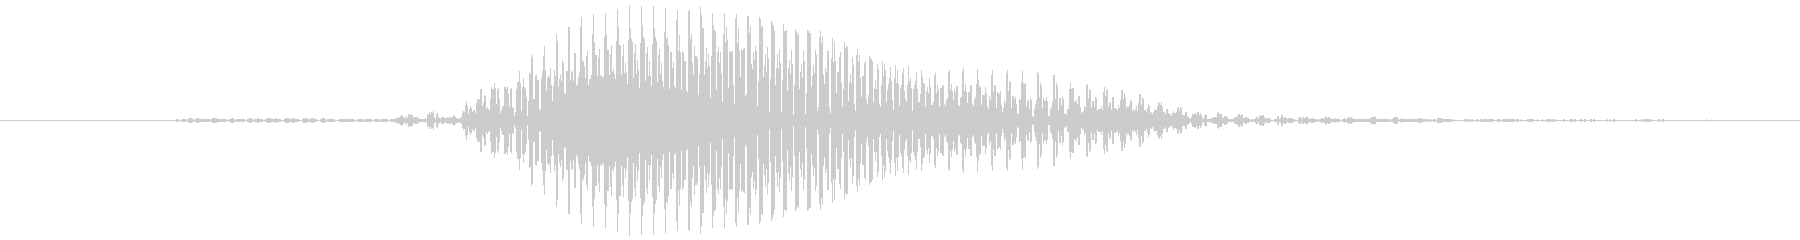 【数字】5(ご)の未再生の波形